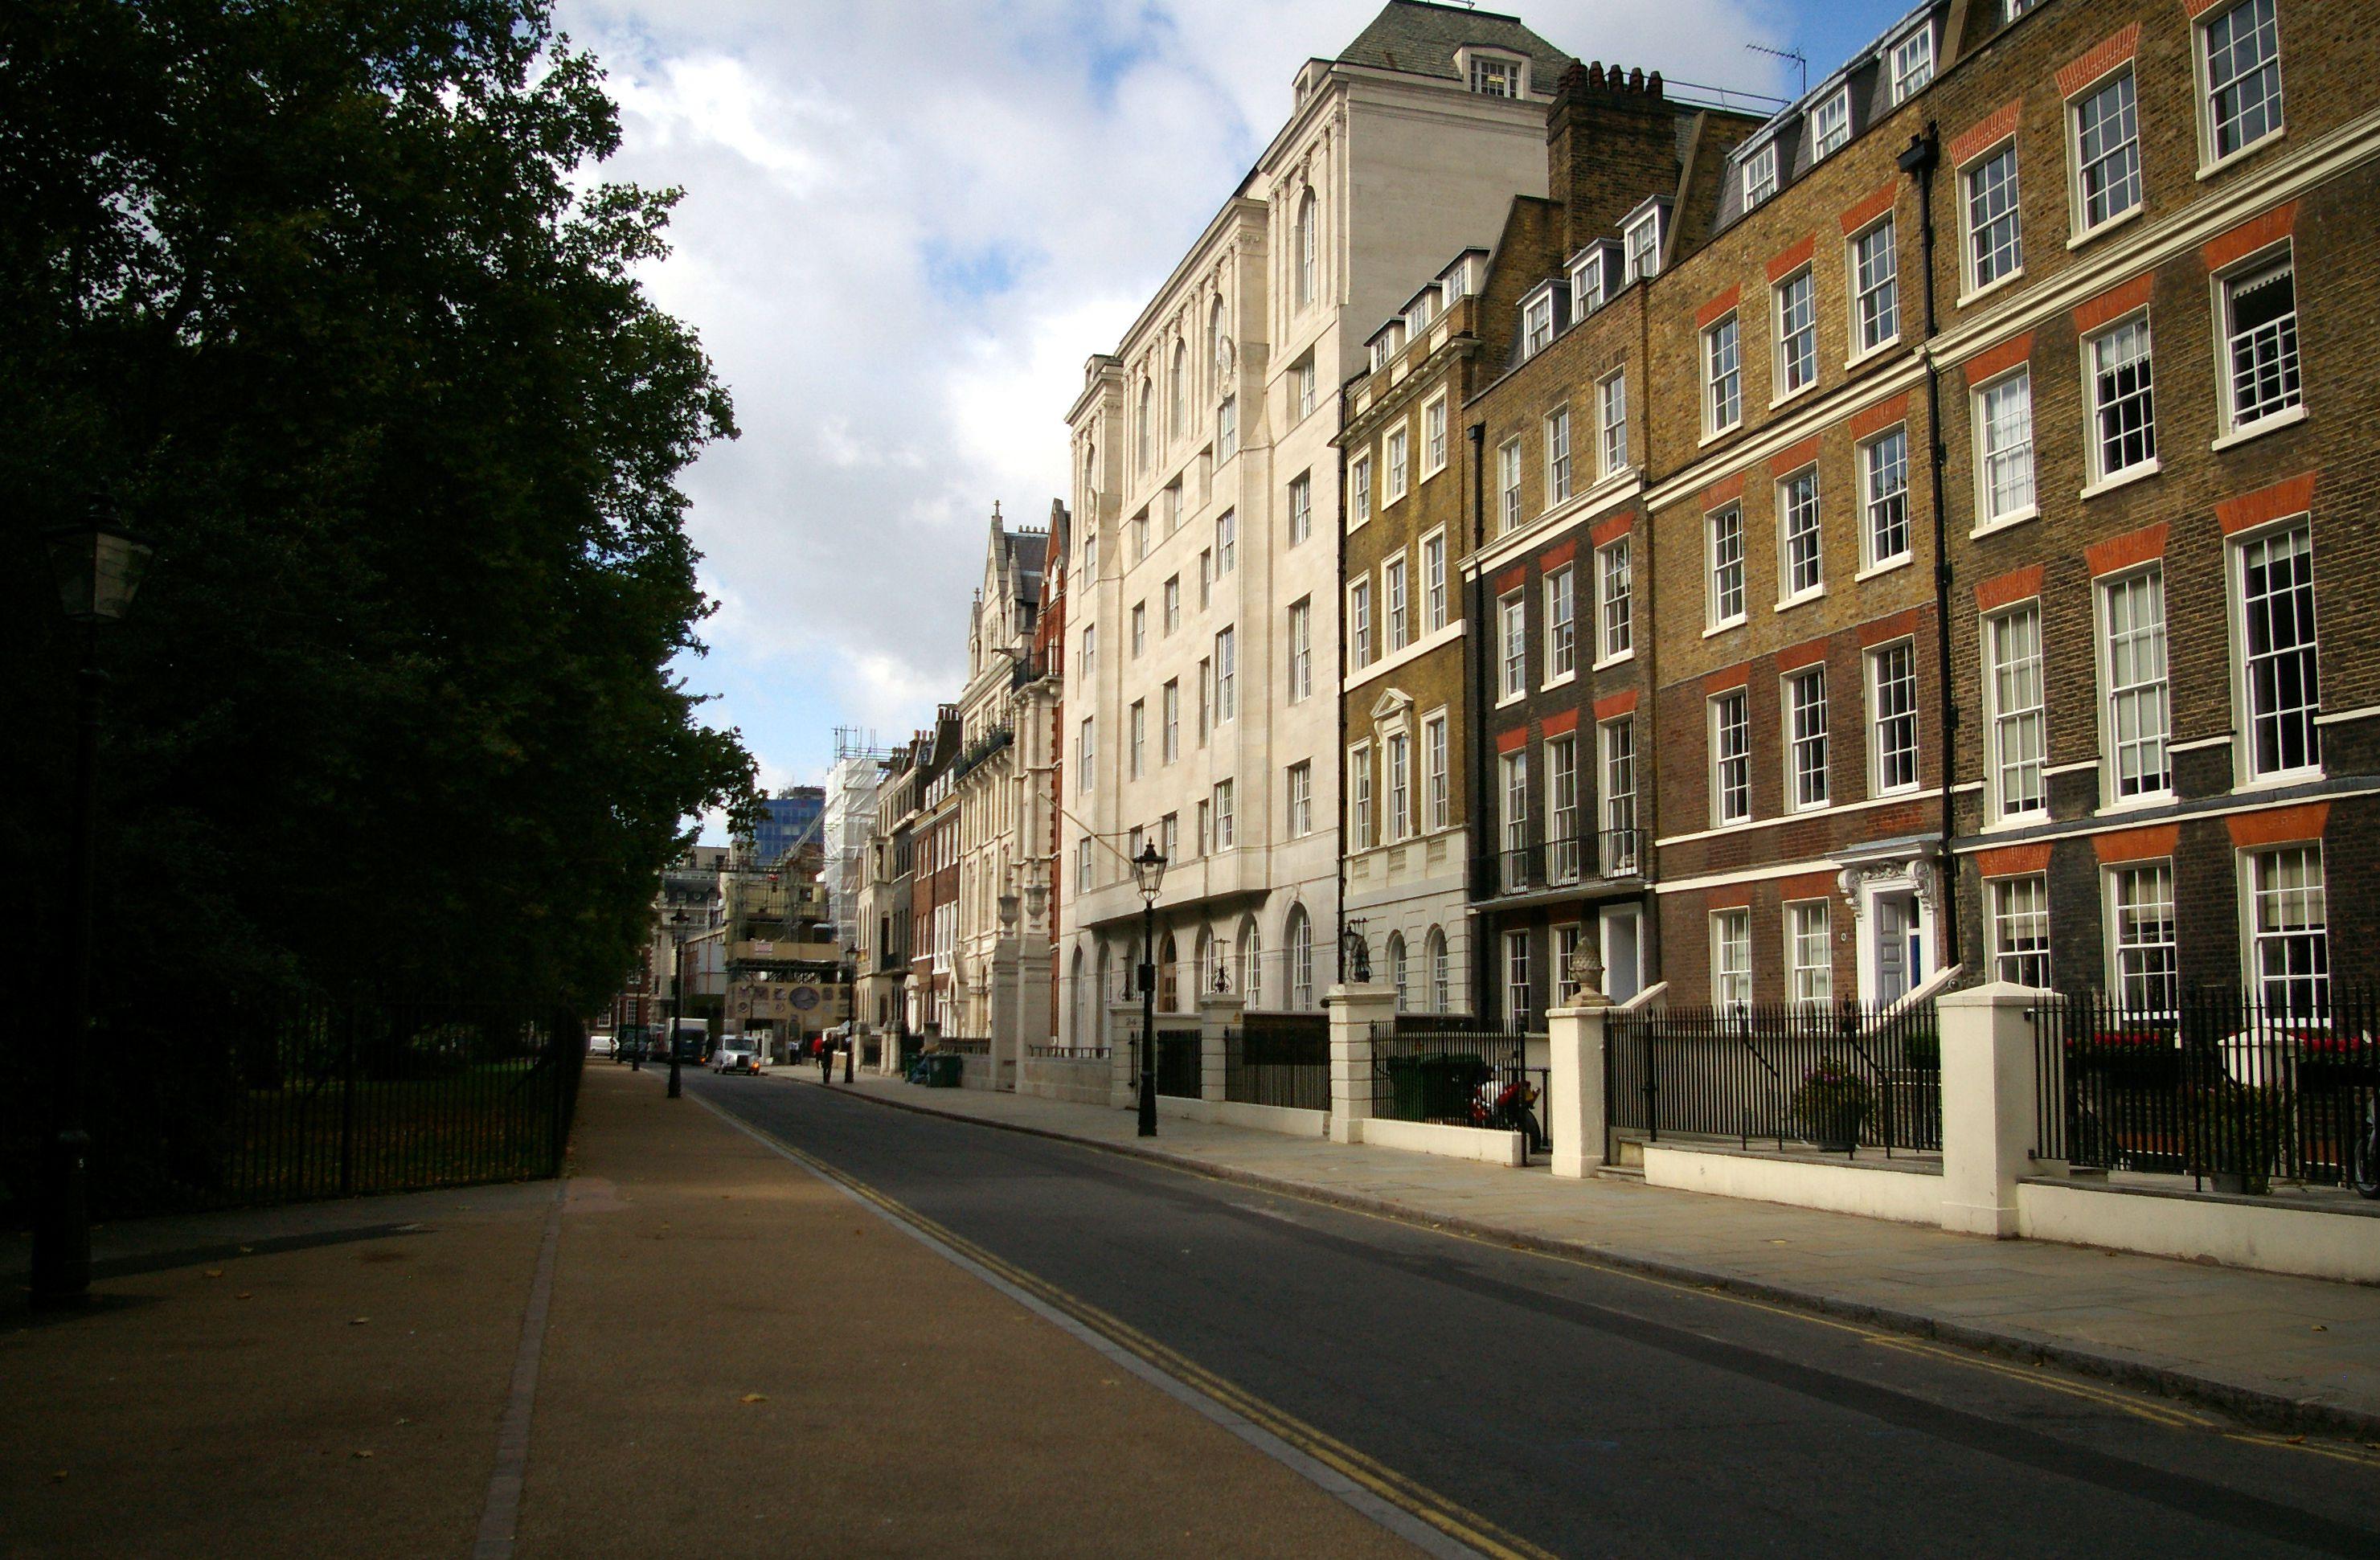 Lincolns Inn Fields, London